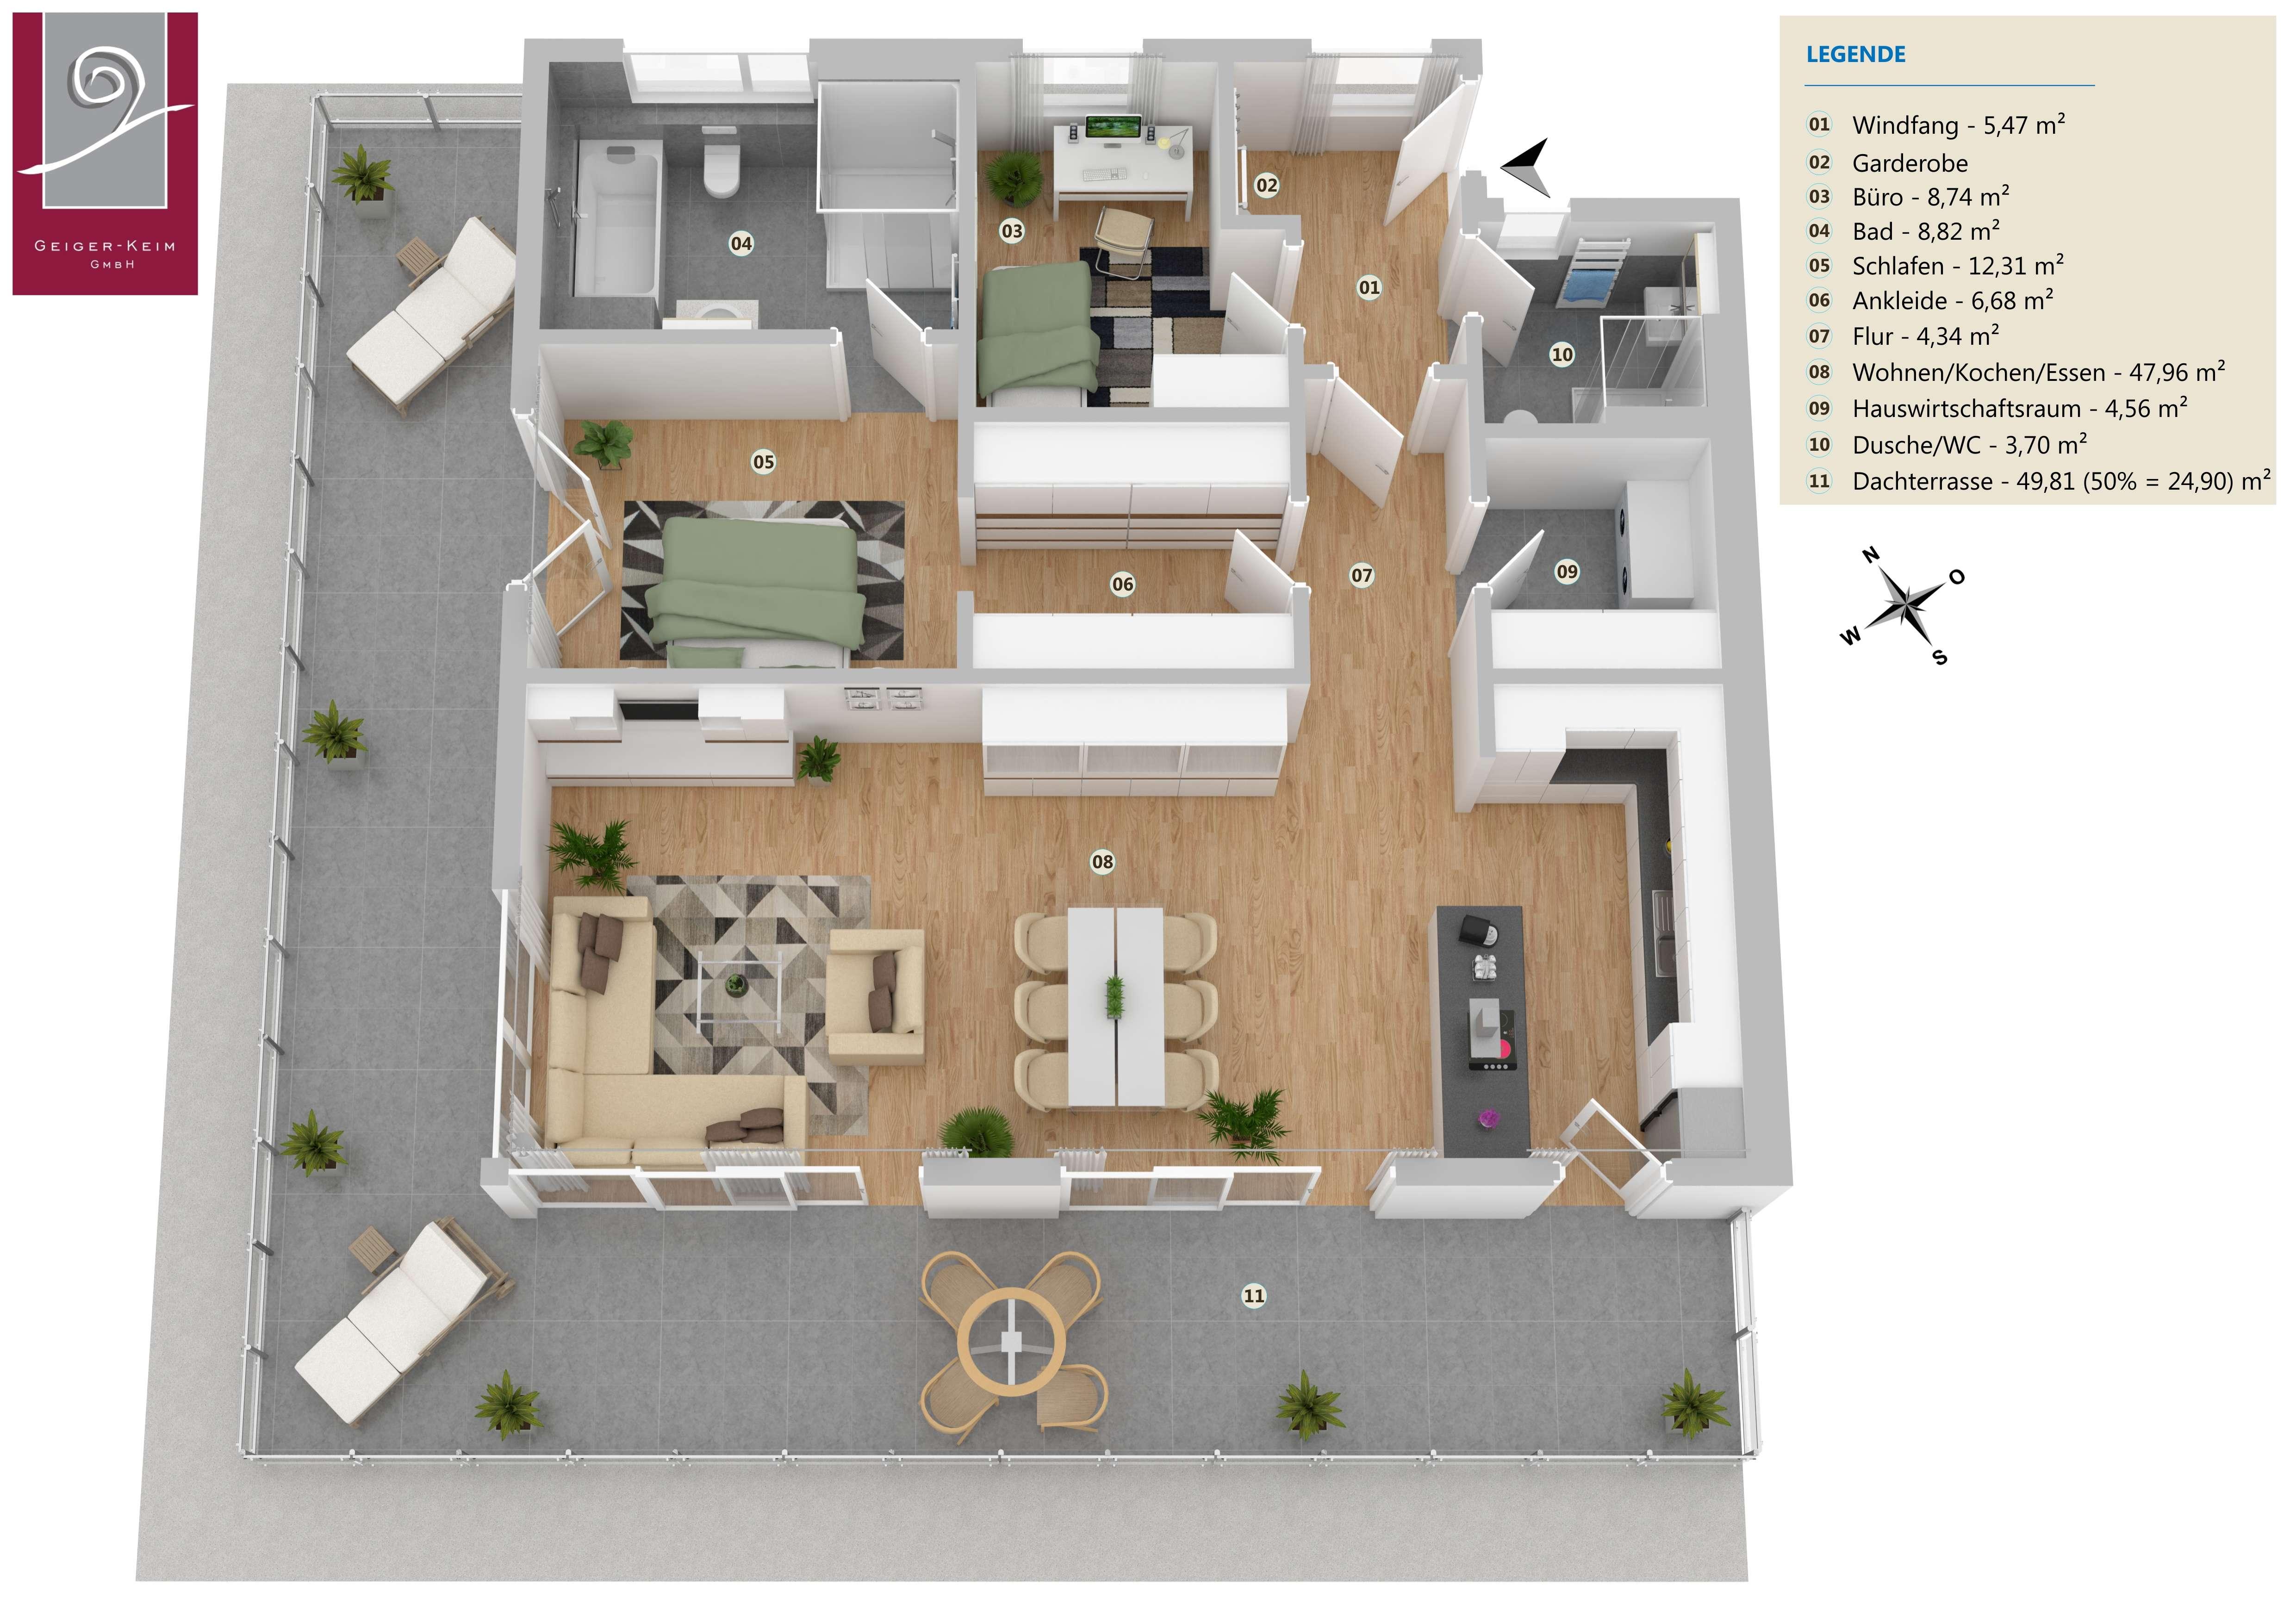 Neubau - barrierefreie 3,5-Zimmer-Penthouse-Wohnung in Deggendorf (Mietraching) in Deggendorf